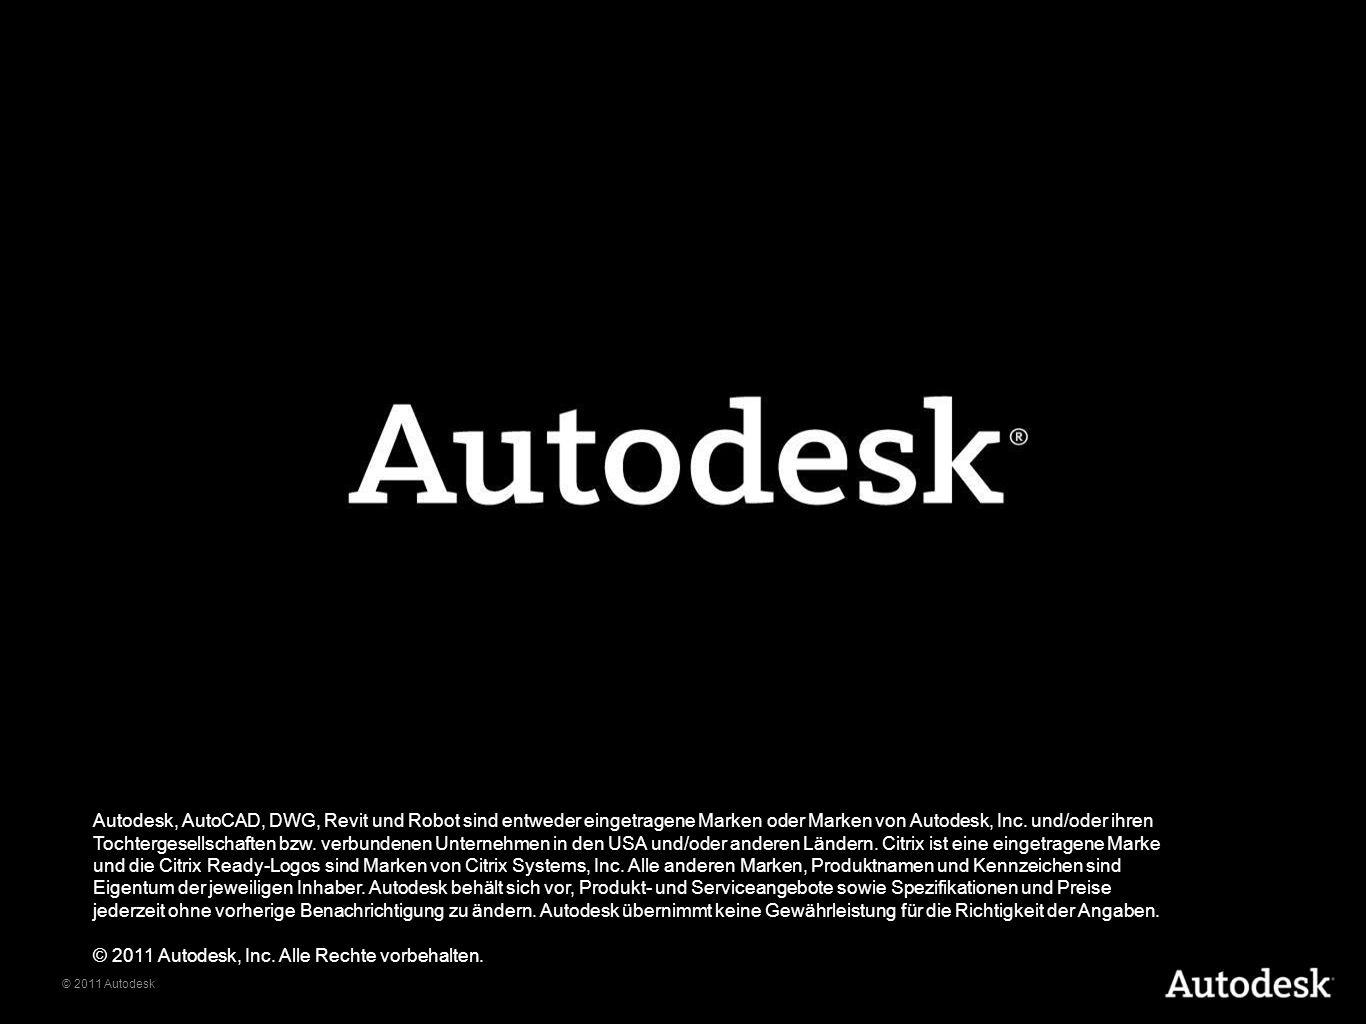 © 2011 Autodesk Autodesk, AutoCAD, DWG, Revit und Robot sind entweder eingetragene Marken oder Marken von Autodesk, Inc.